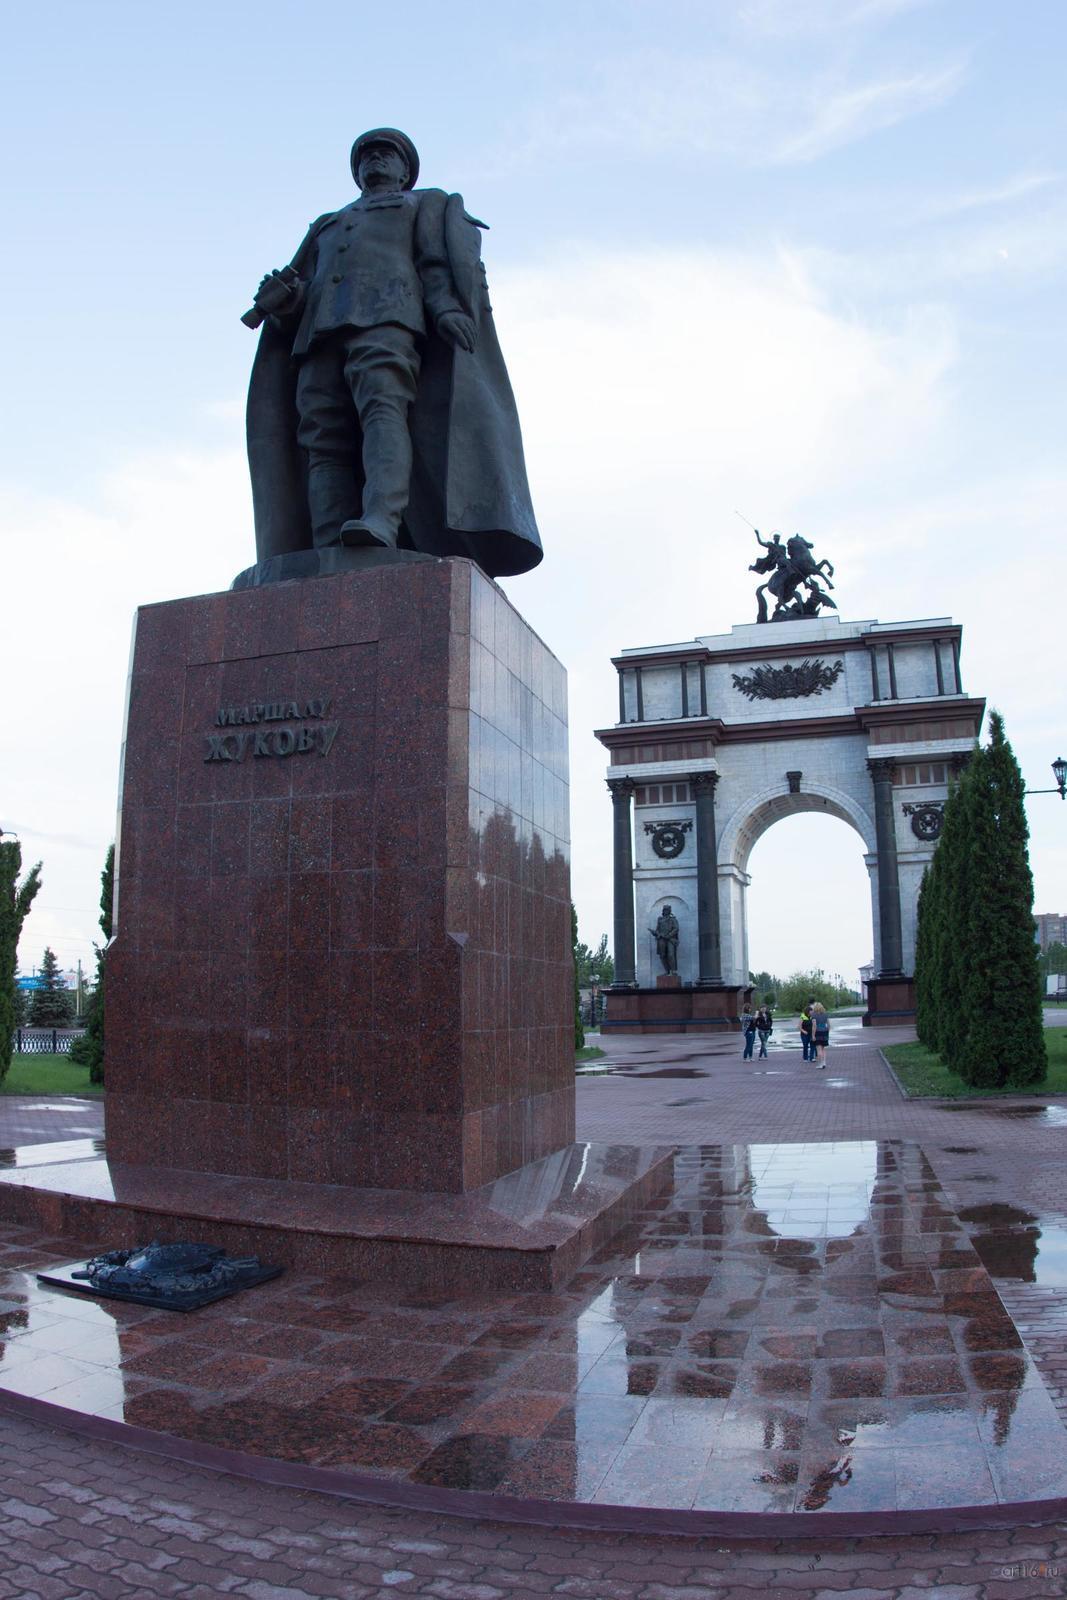 Фото №828843. Памятник Жукову и триумфальная арка, г. Курск, июнь 2015